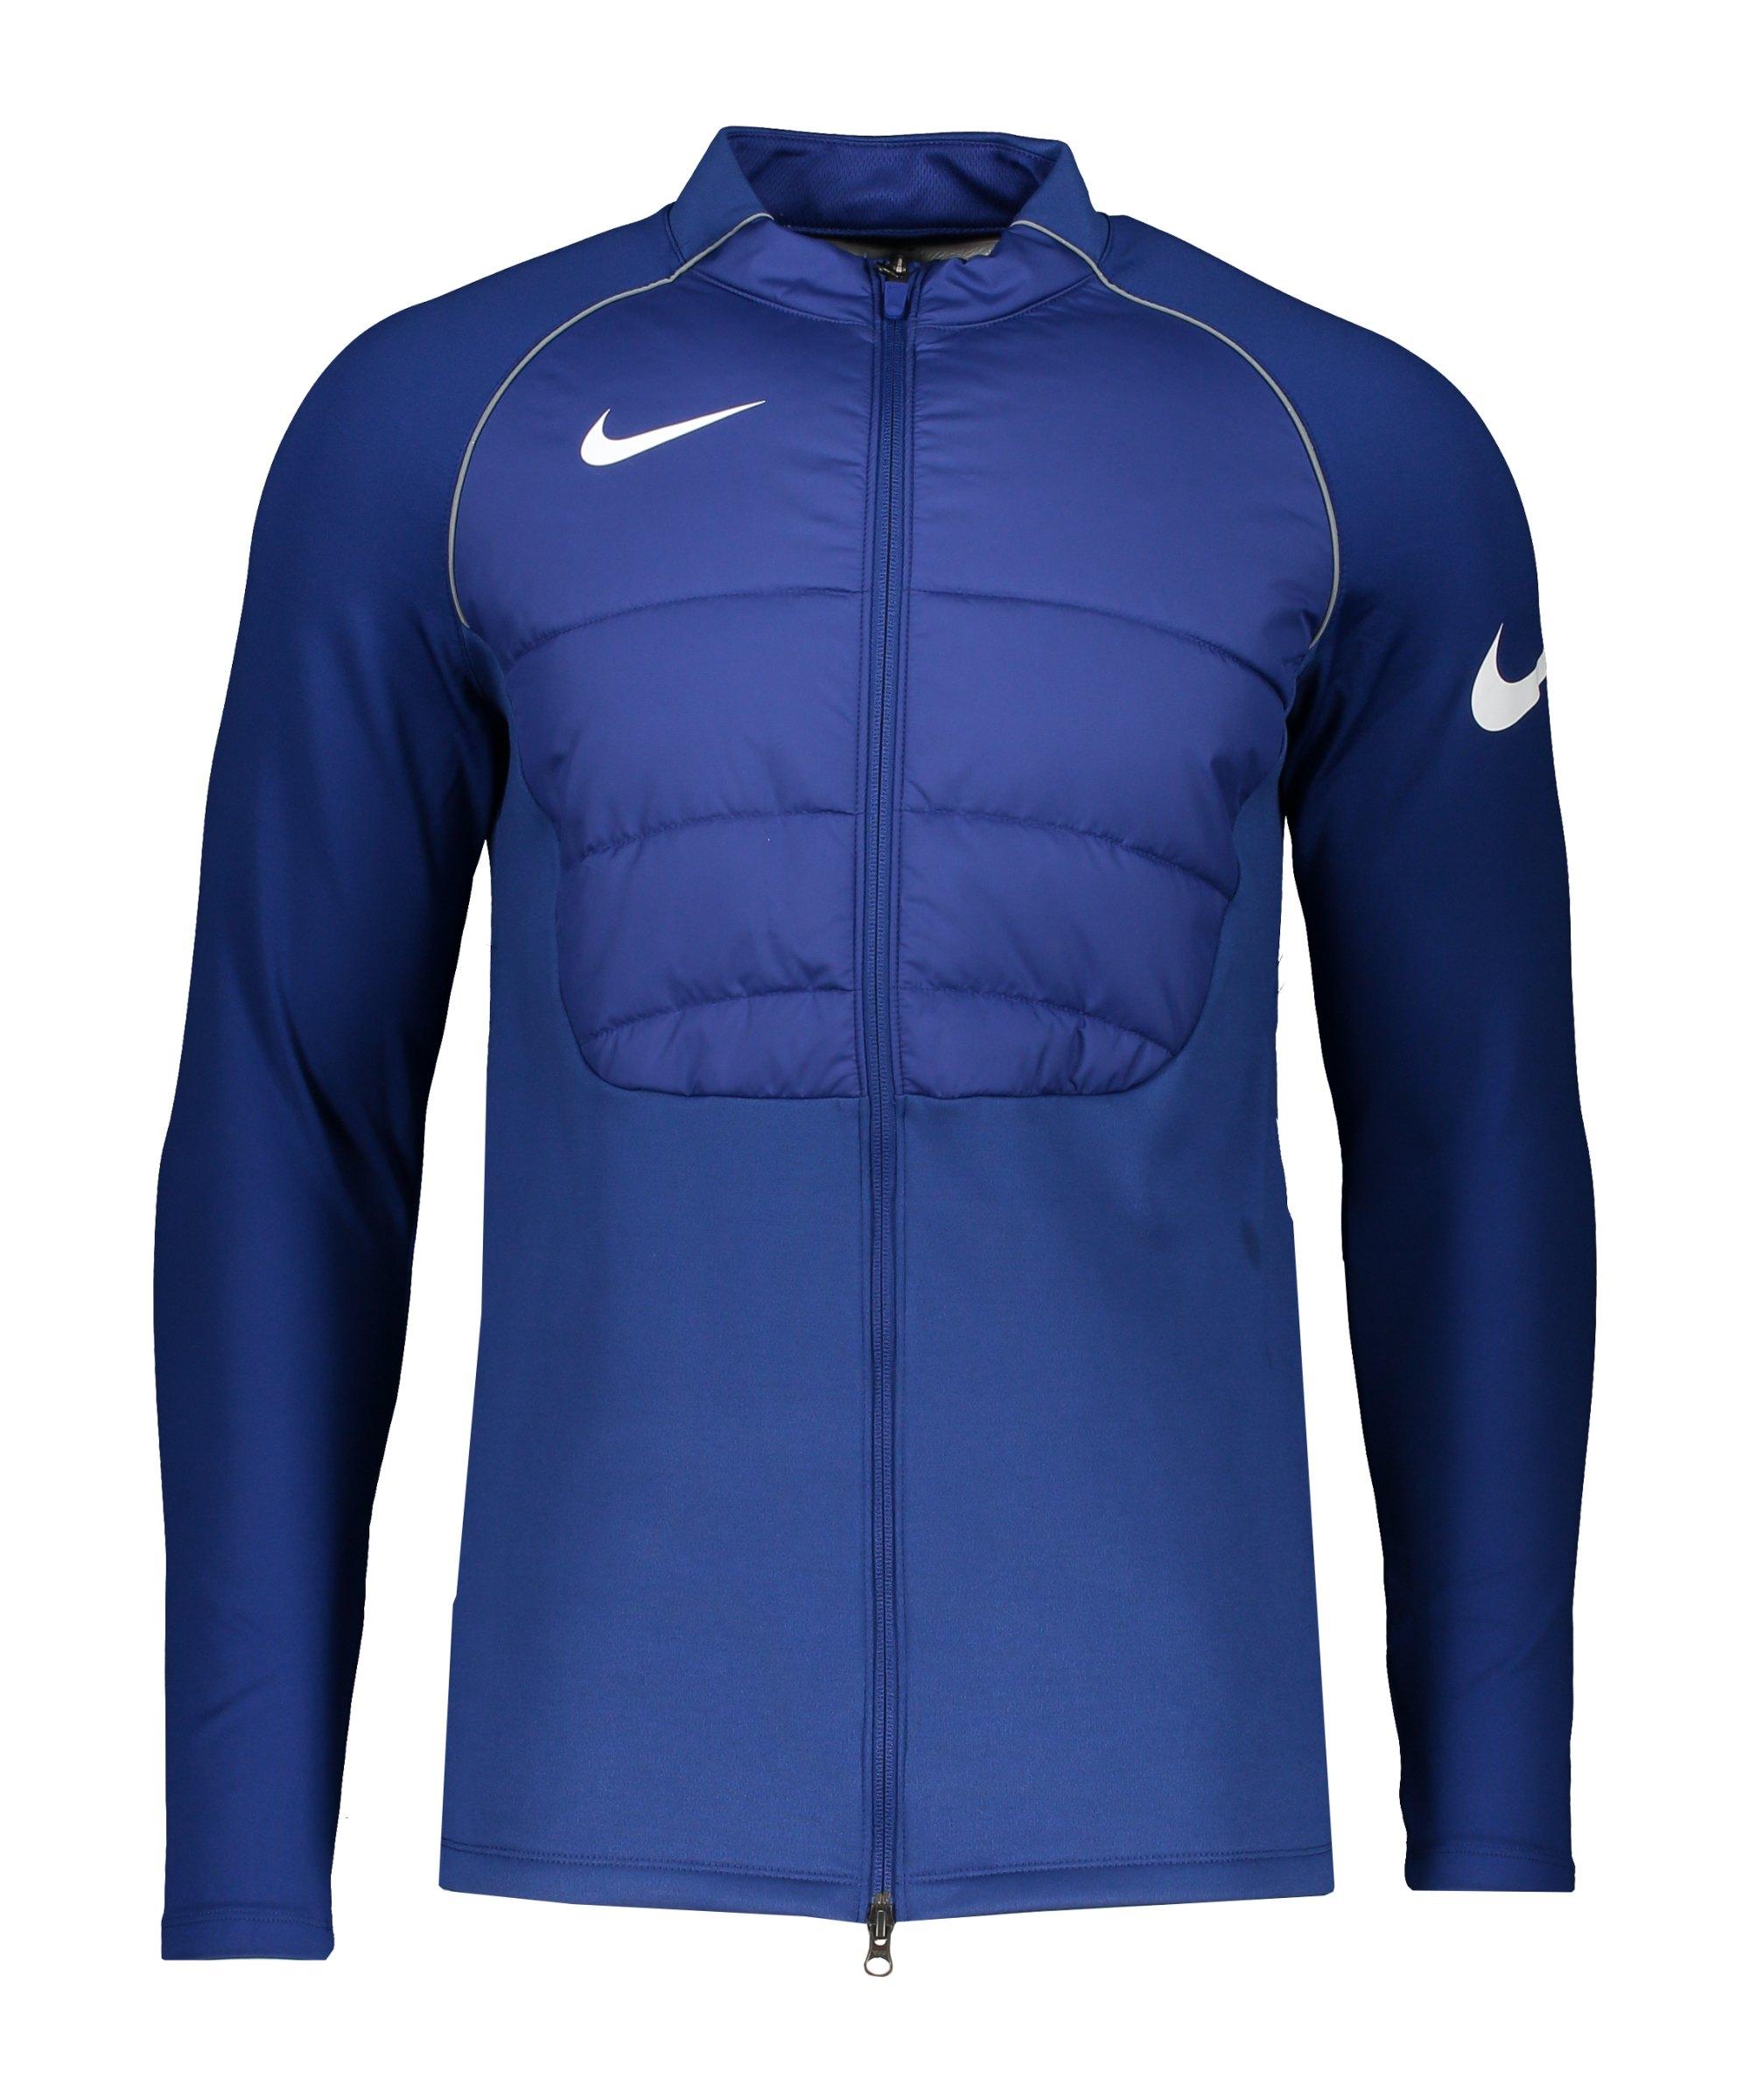 Nike Therma Strike Drill Jacke Blau F455 - blau